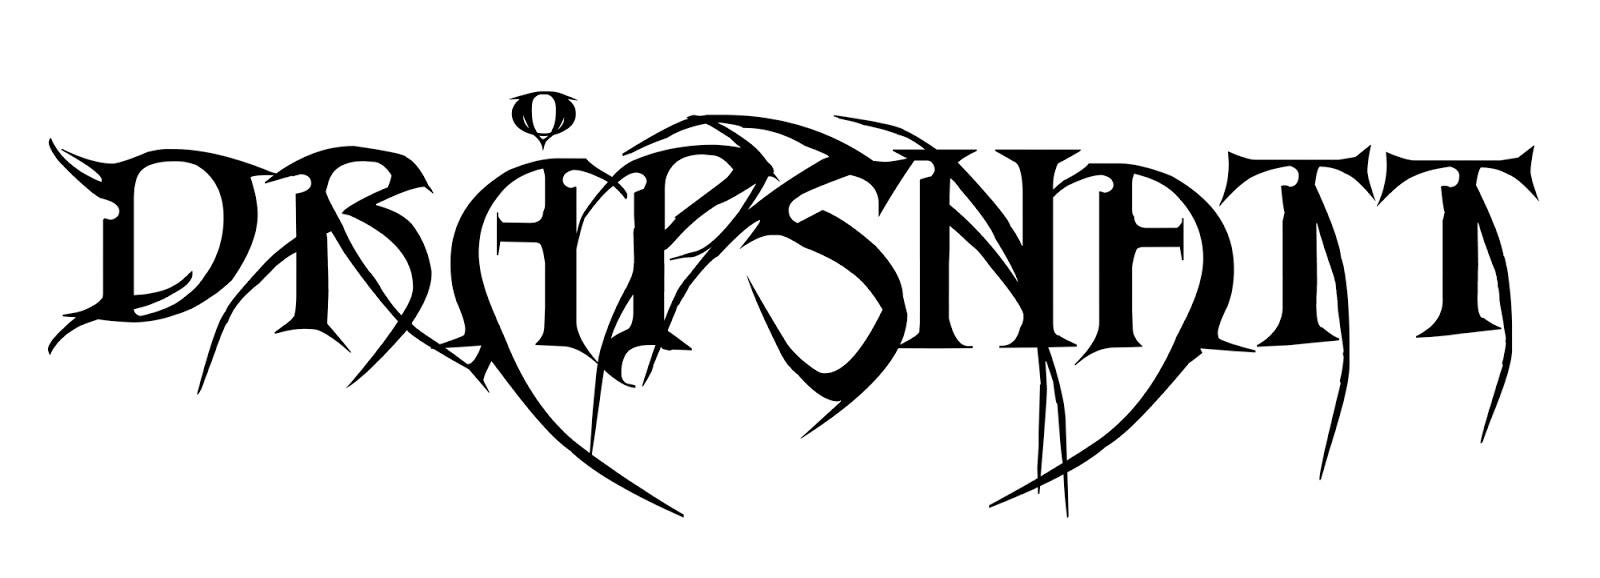 Dråpsnatt  logo